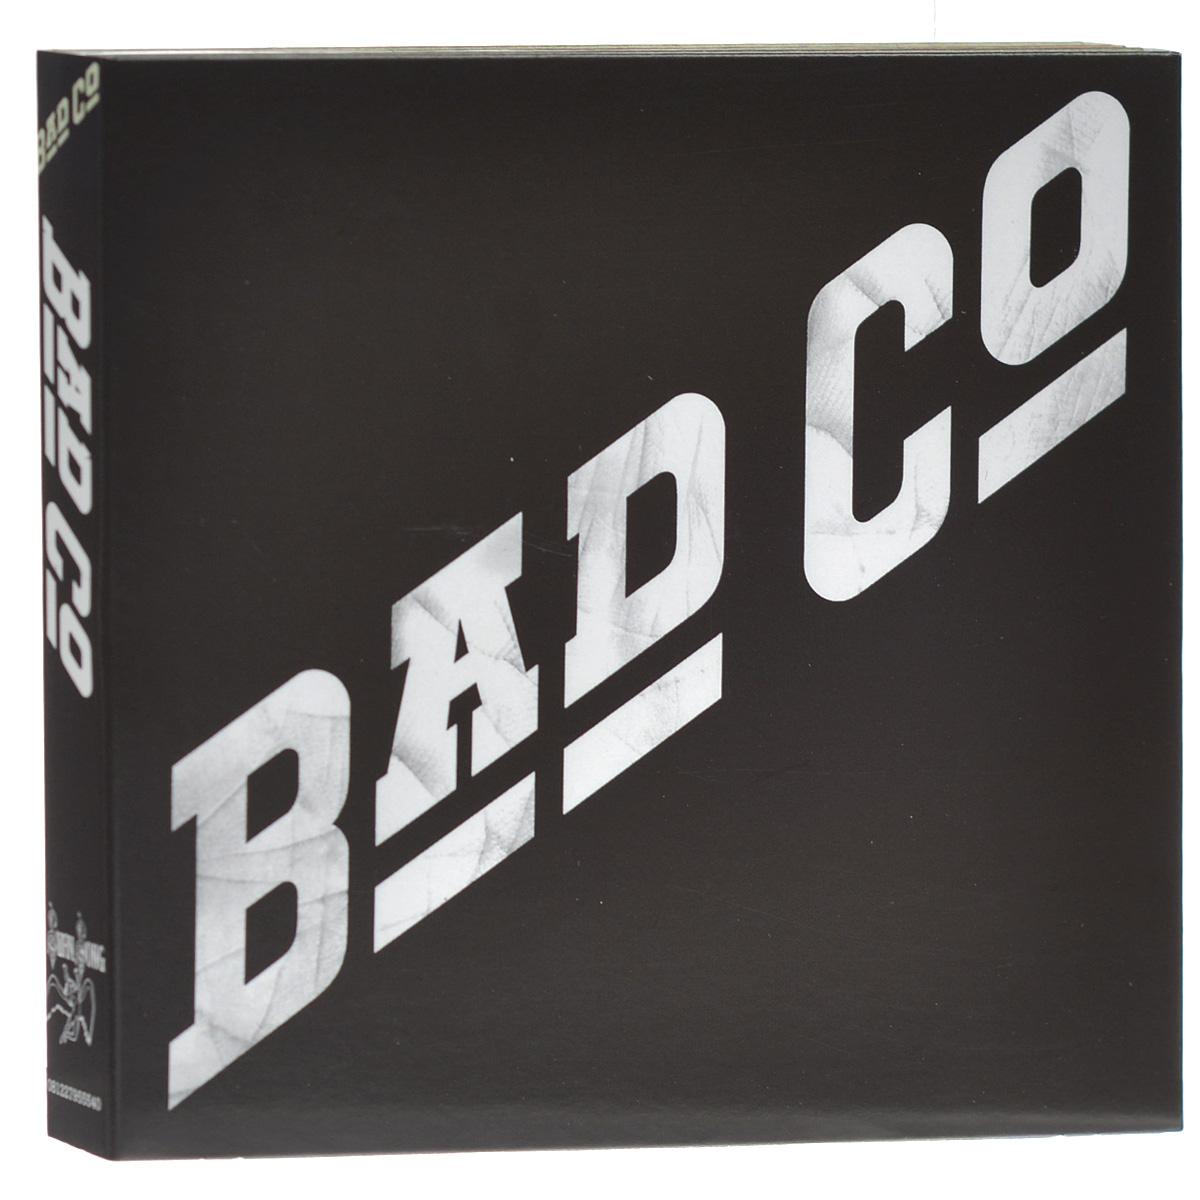 Bad Company Bad Company. Bad Company. Deluxe Edition (2 CD) bad company bad company straight shooter deluxe edition 2 cd